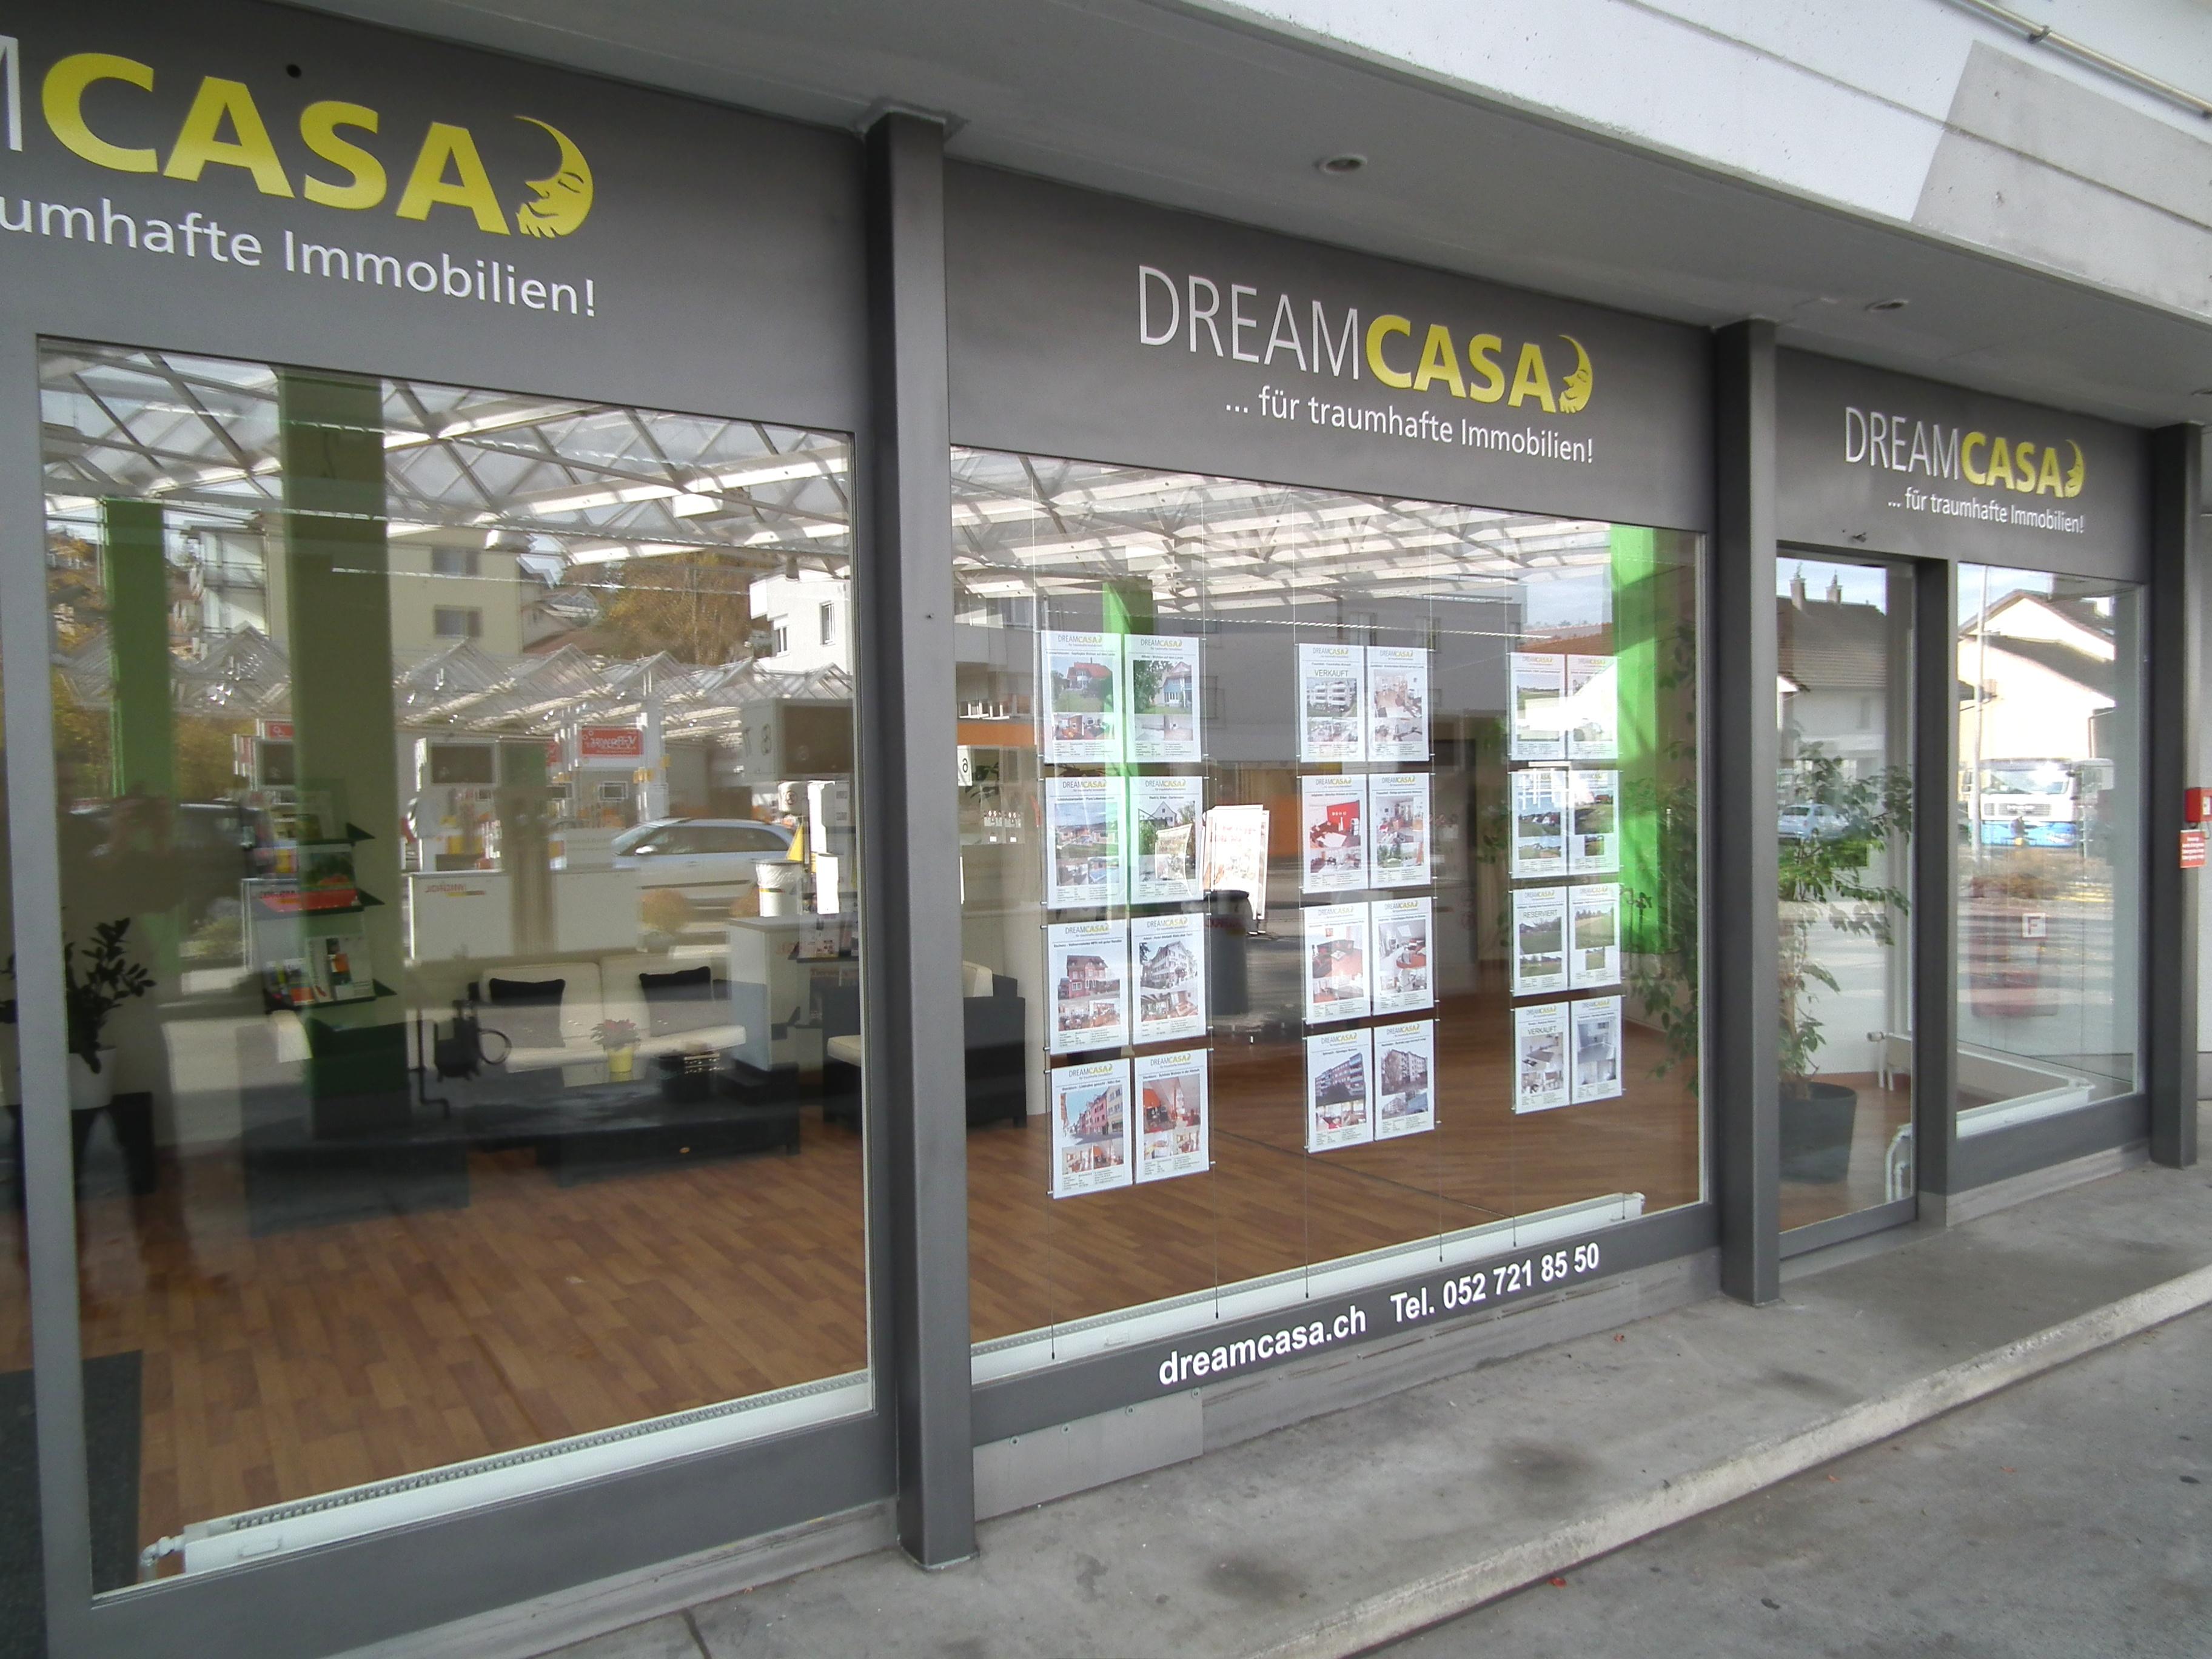 Geschäftsladen DreamCasa in Frauenfeld